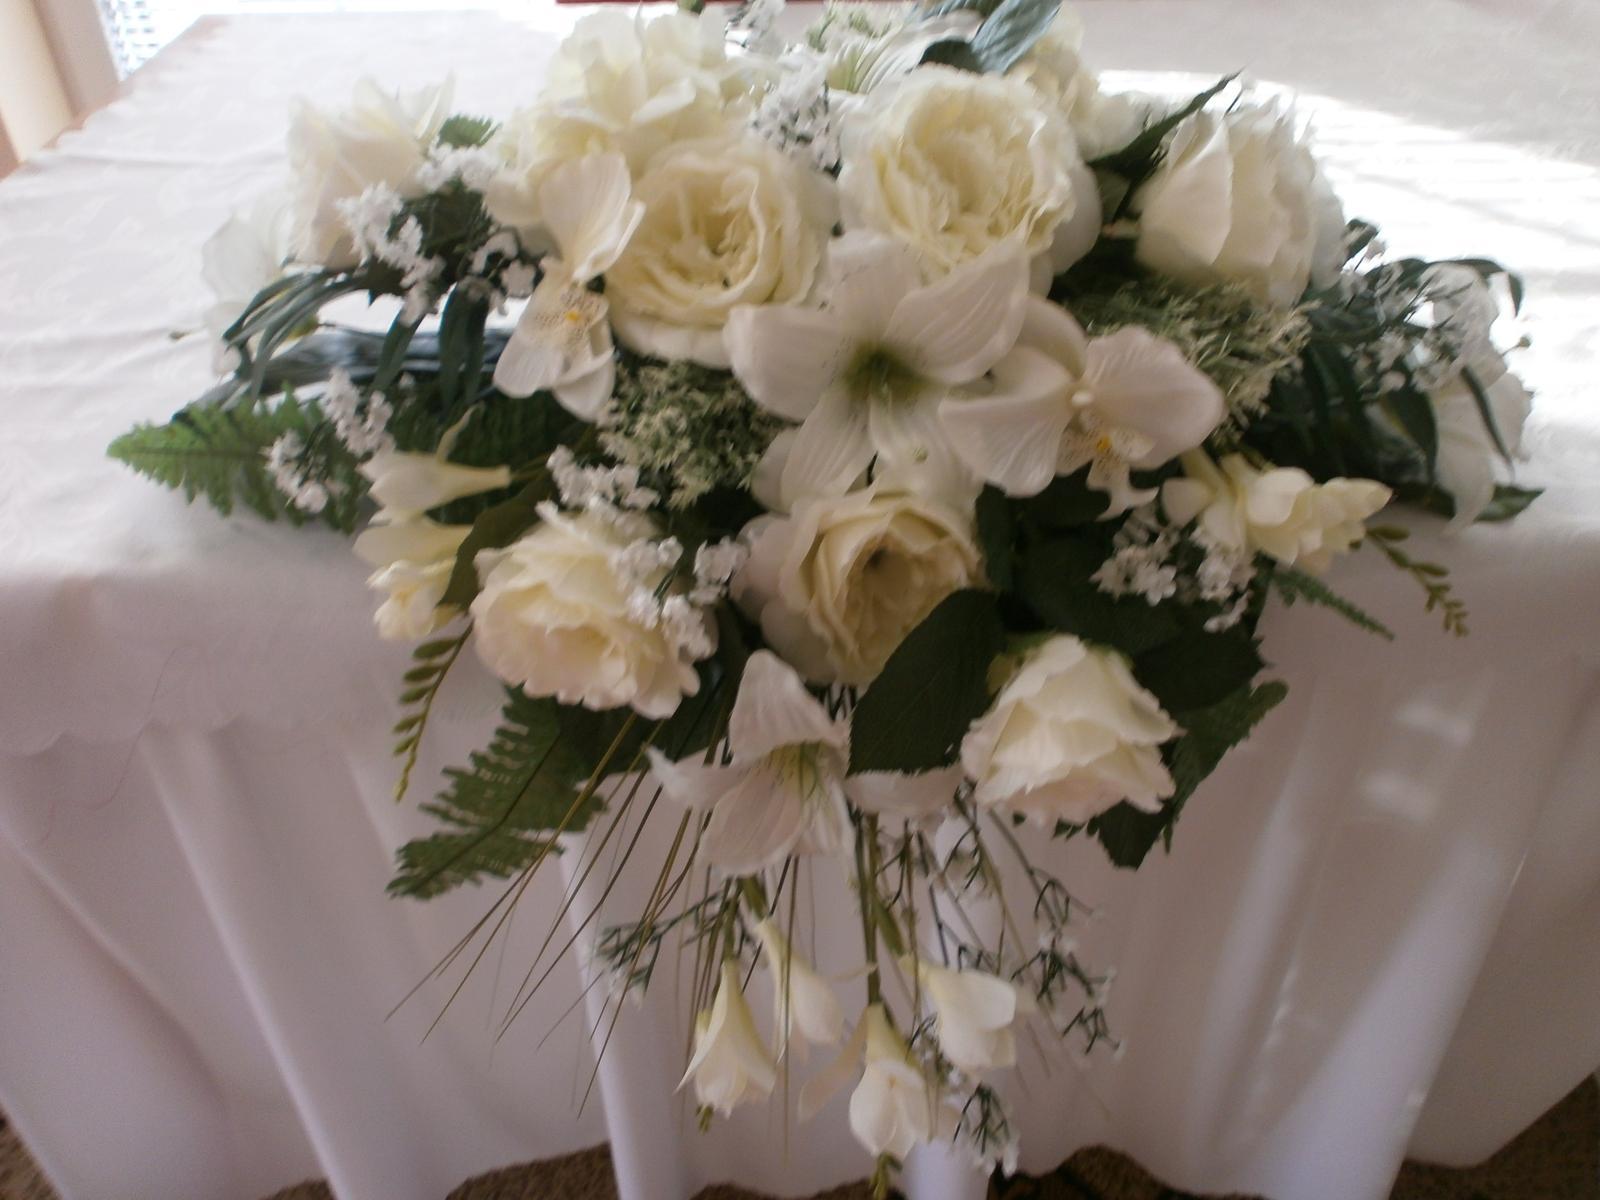 Svadobné dekorácie - Obrázok č. 5